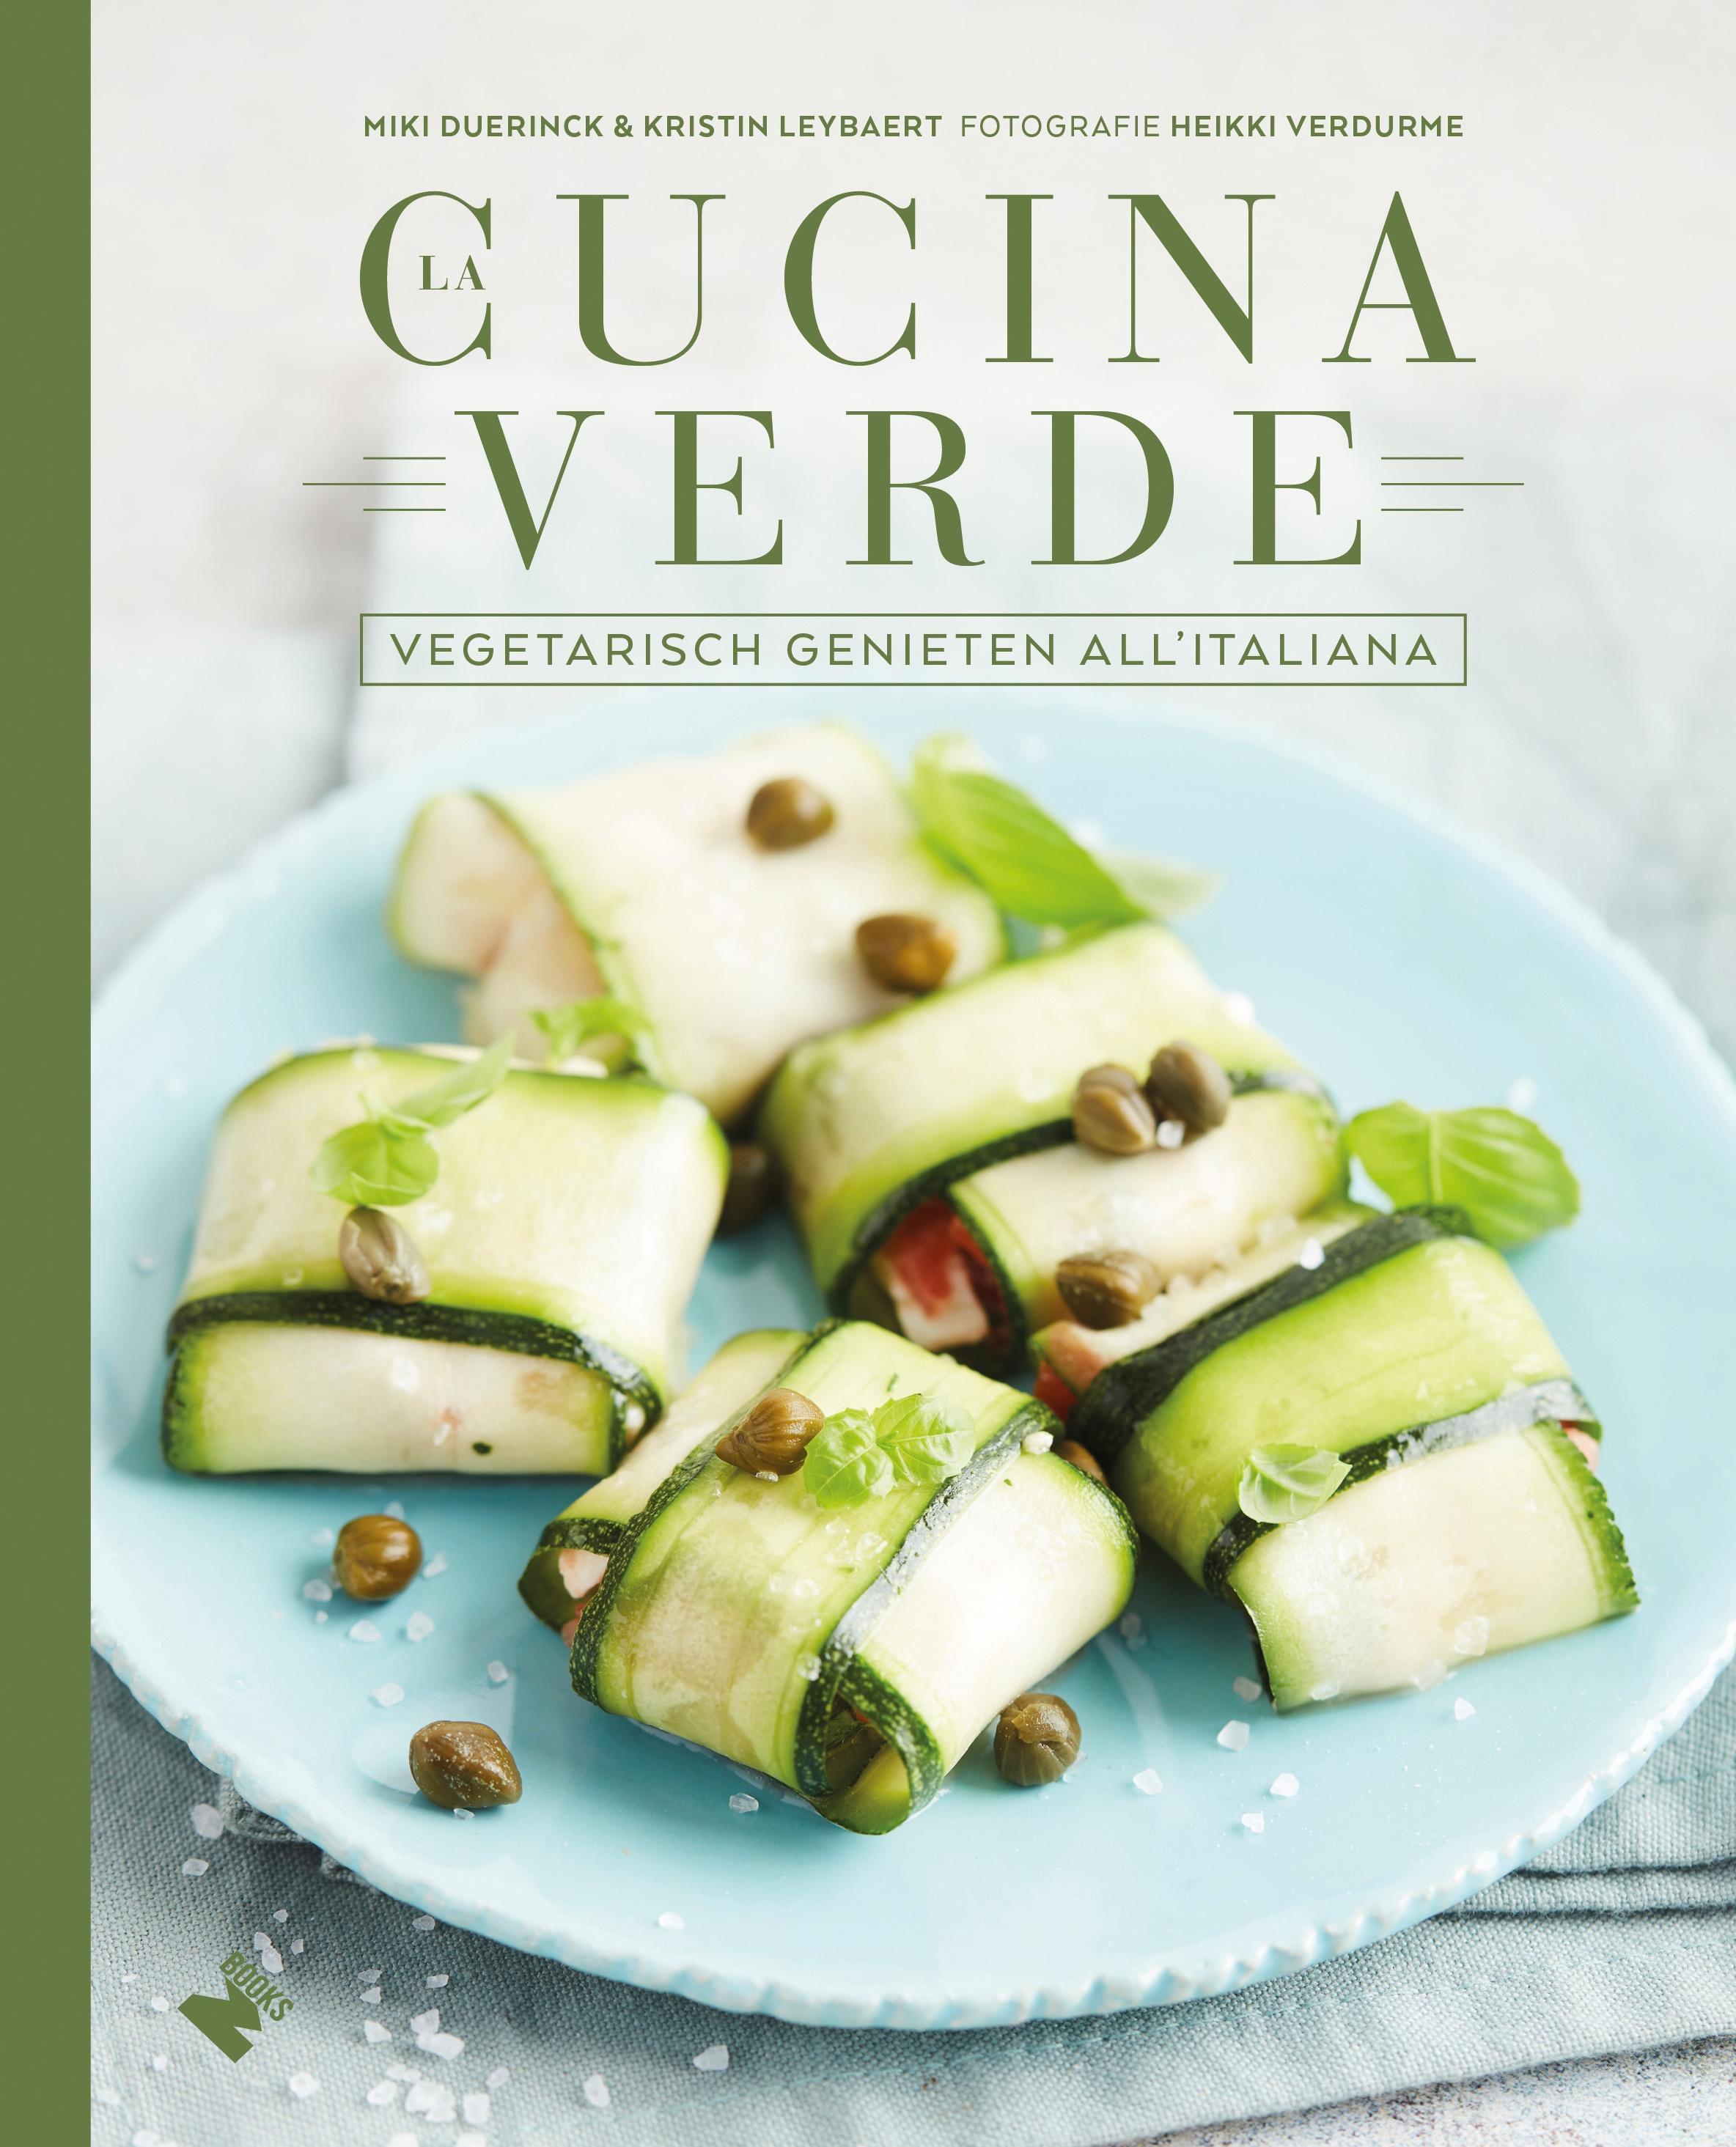 La Cucina Verde | Vegetarische kookstudio